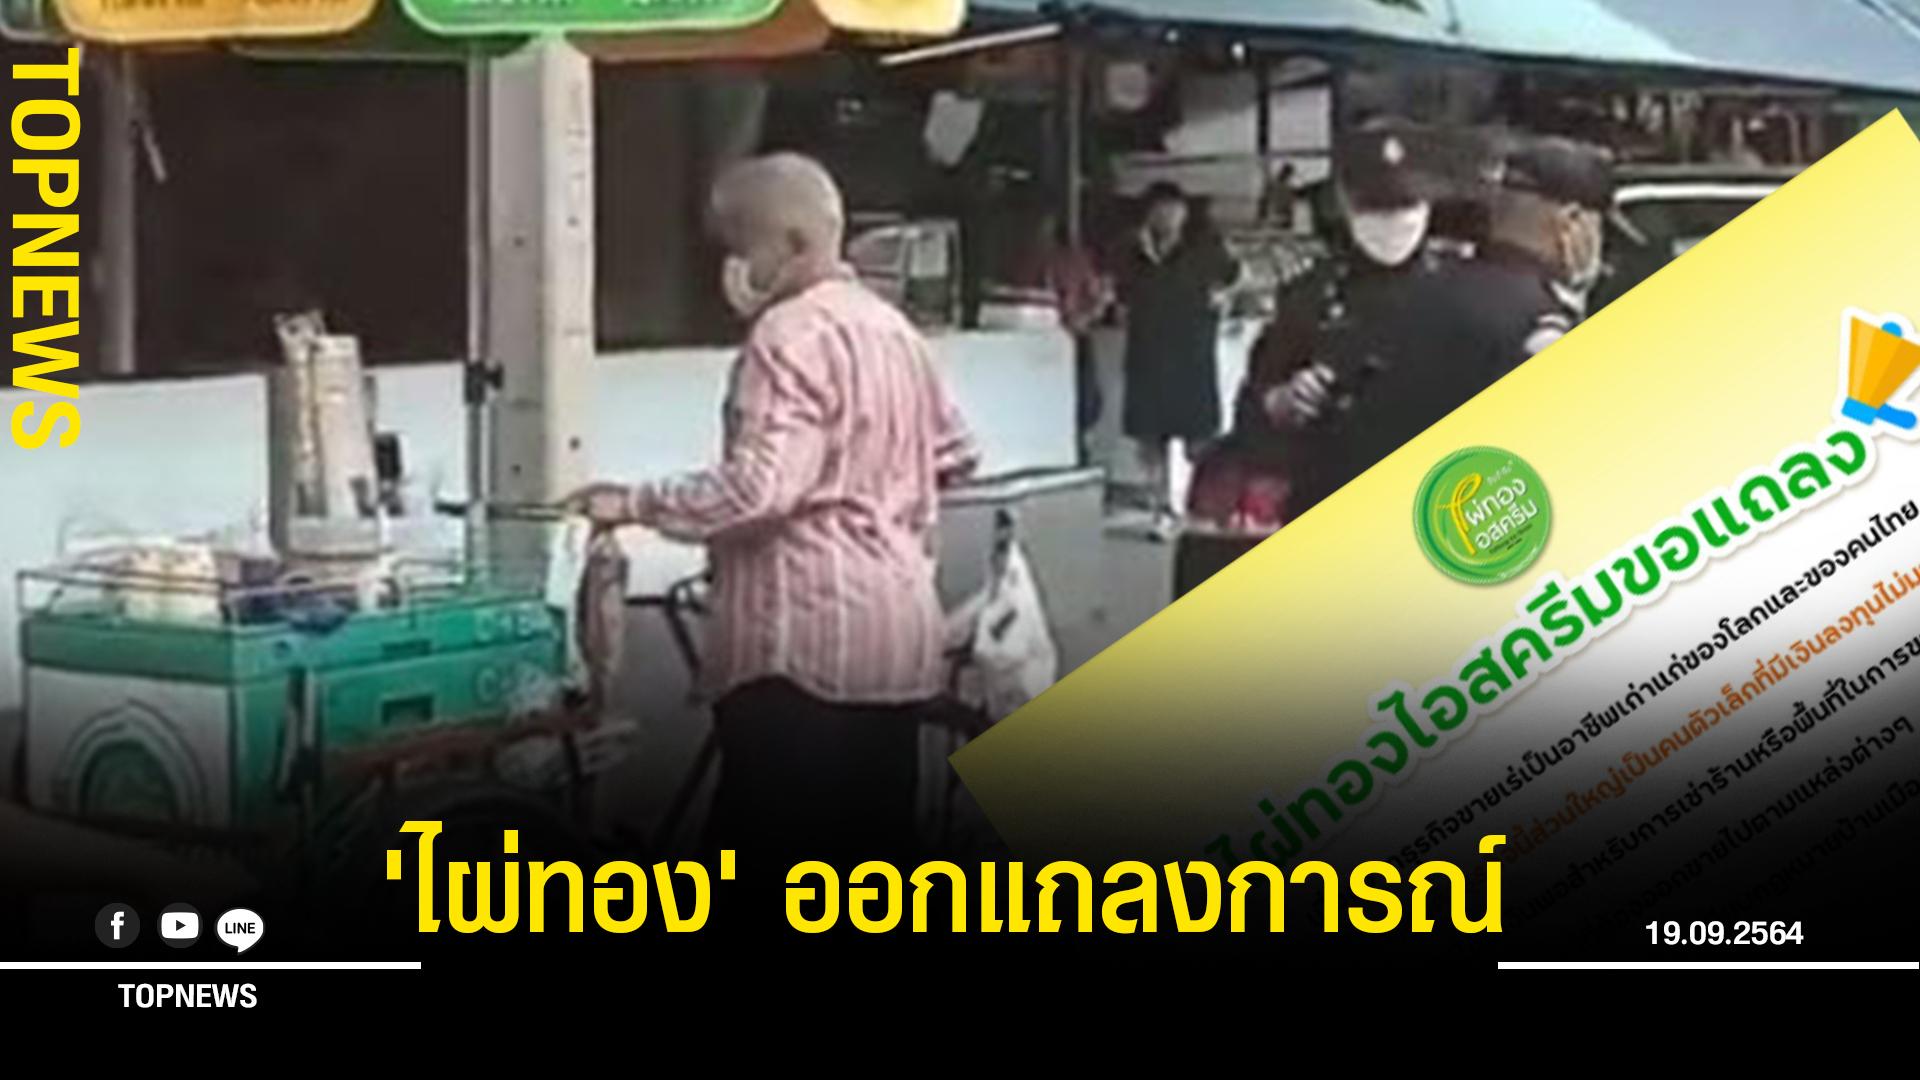 'ไผ่ทอง' ออกแถลงการณ์ ปมเทศกิจเข้าจับกุมลุงขายไอติม